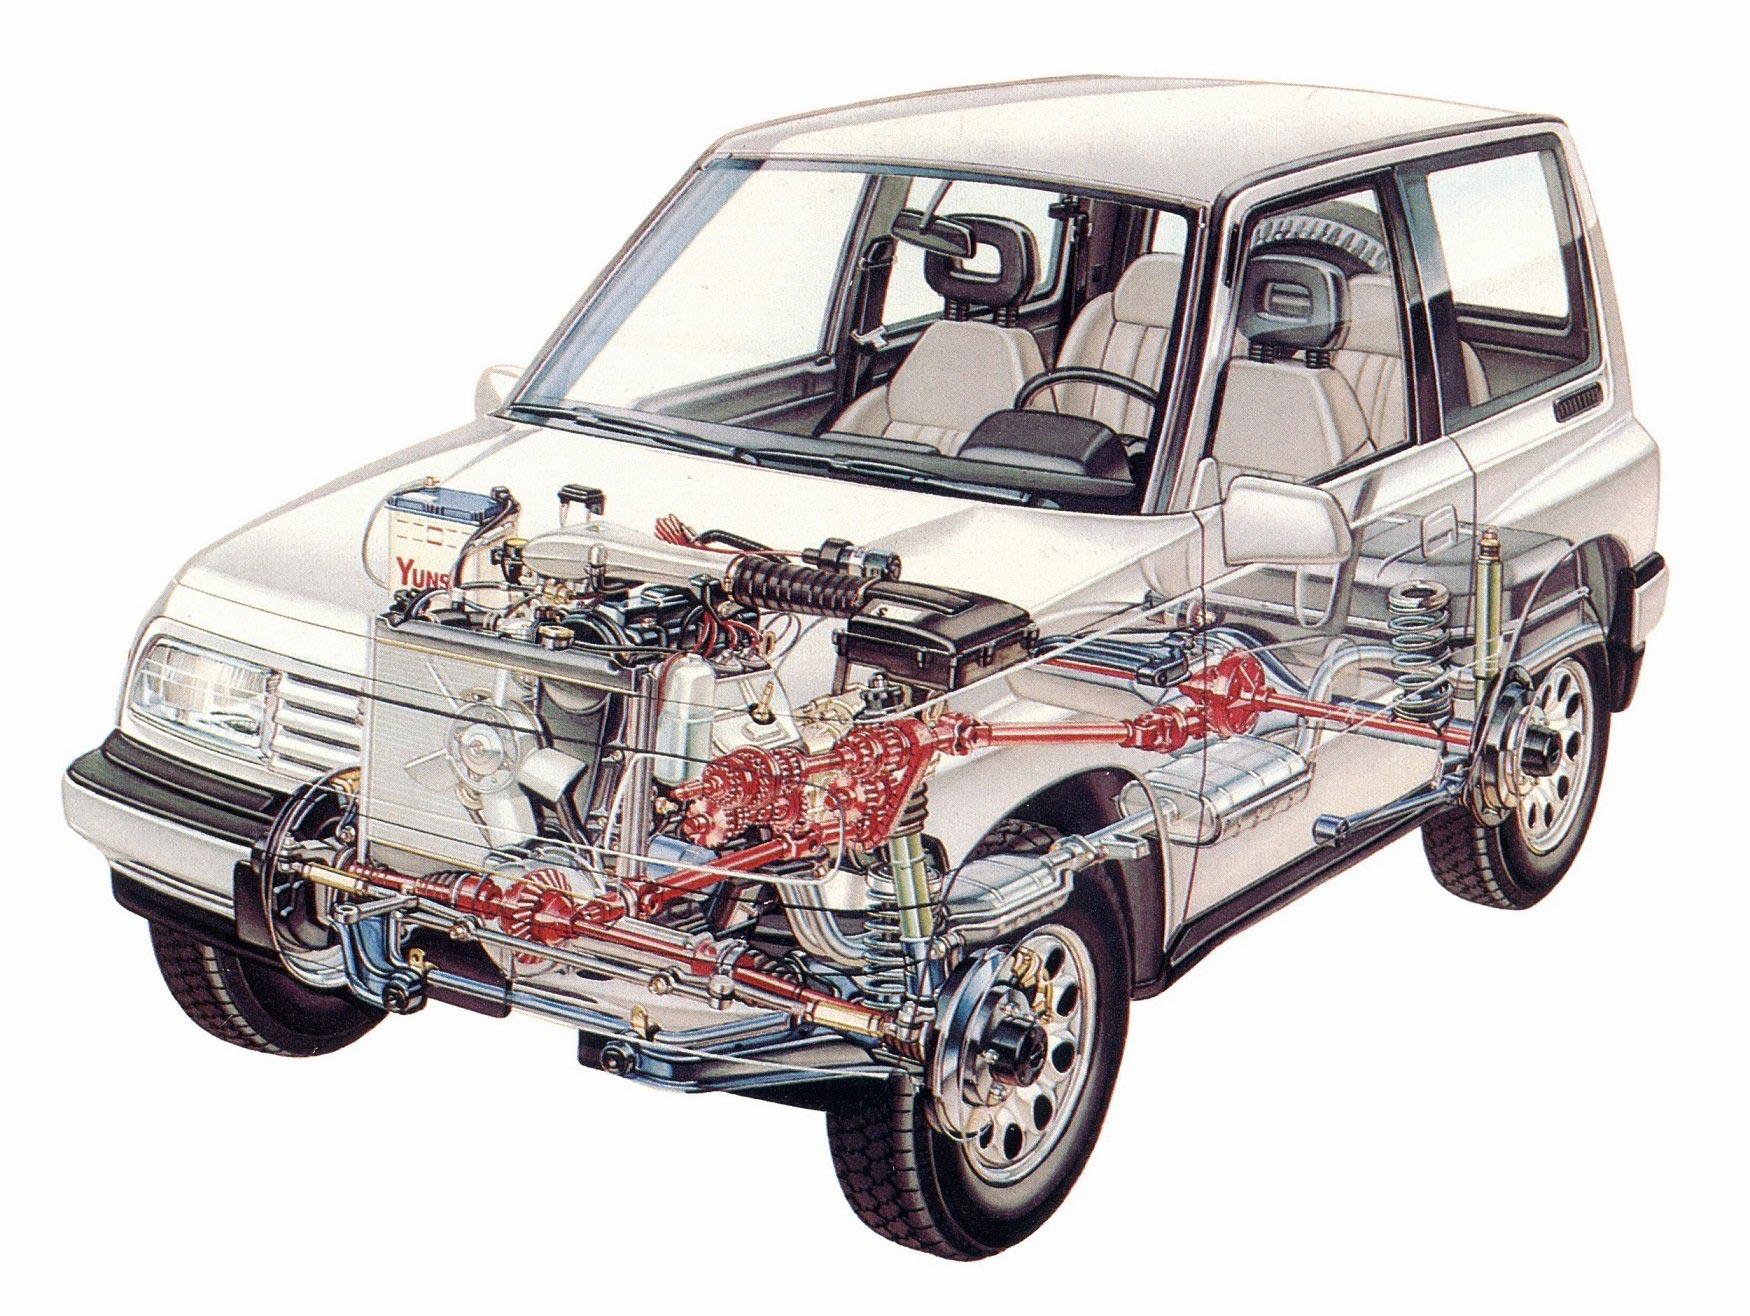 Suzuki Vitara cutaway